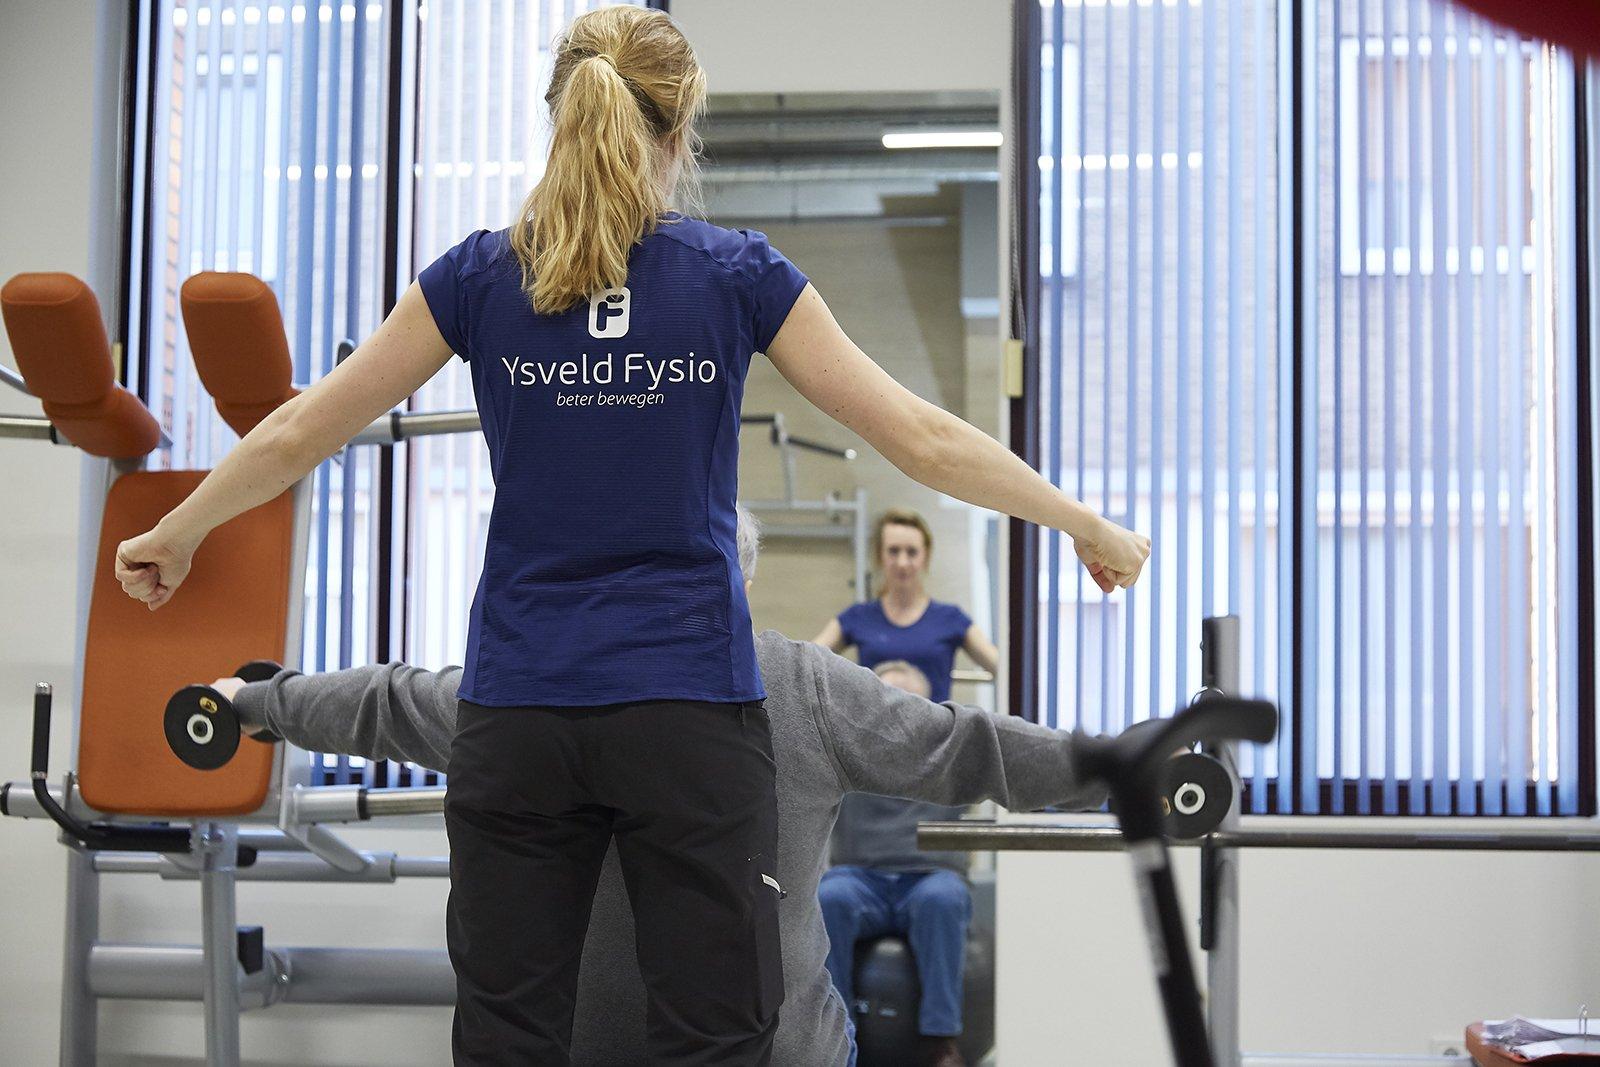 Fysiotherapie Nijmegen | Samen beter bewegen | Ysveld Fysio